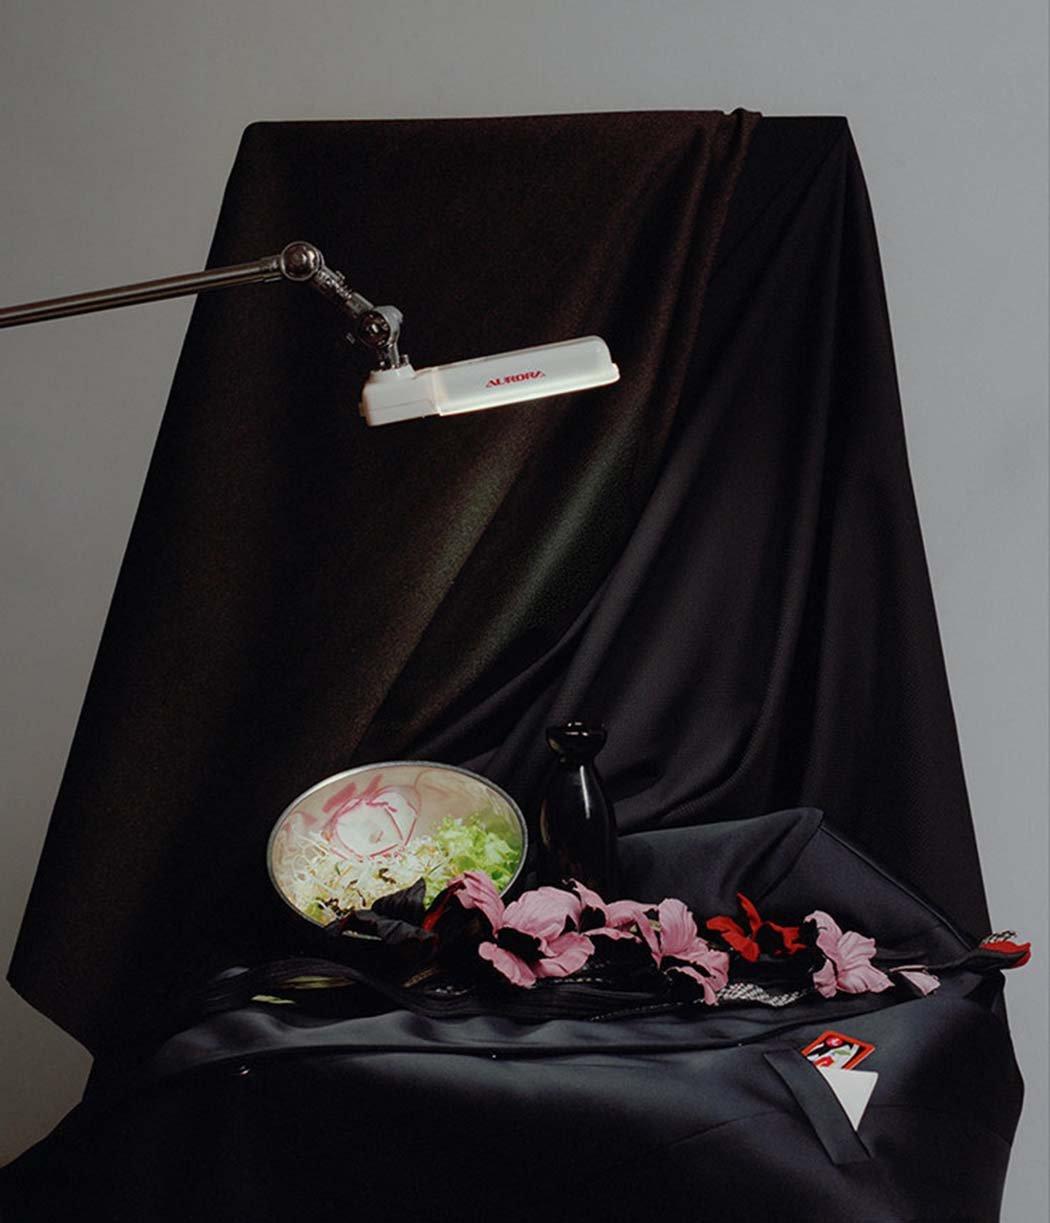 Fashion-JKimFW17-Still Lifes-EugeneShishkin-11